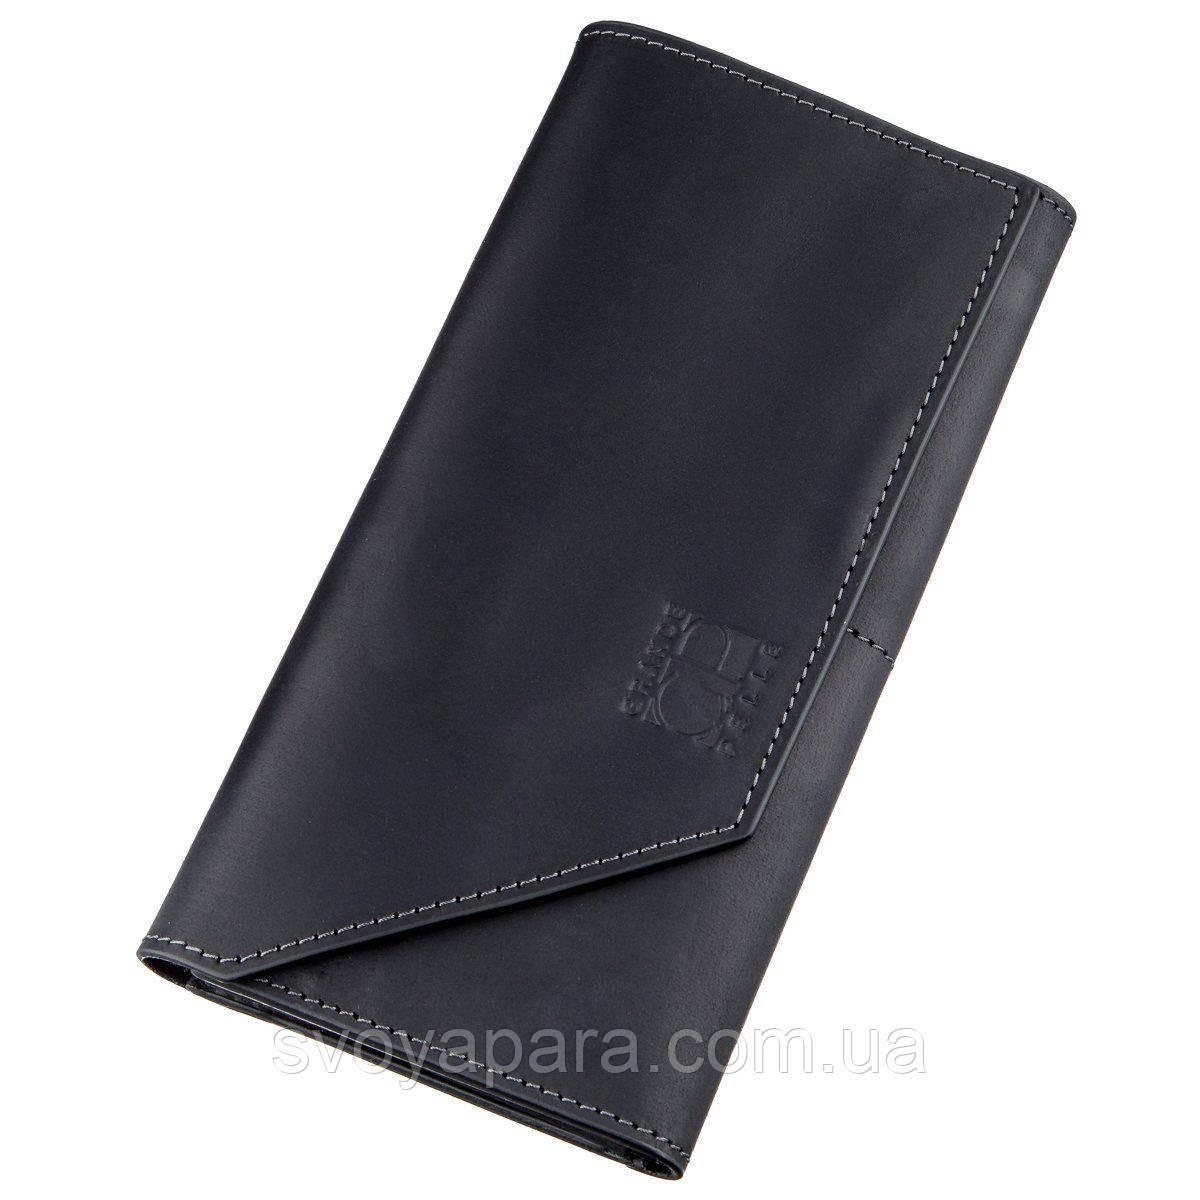 Кожаный клатч унисекс на магните GRANDE PELLE 11214 Черный